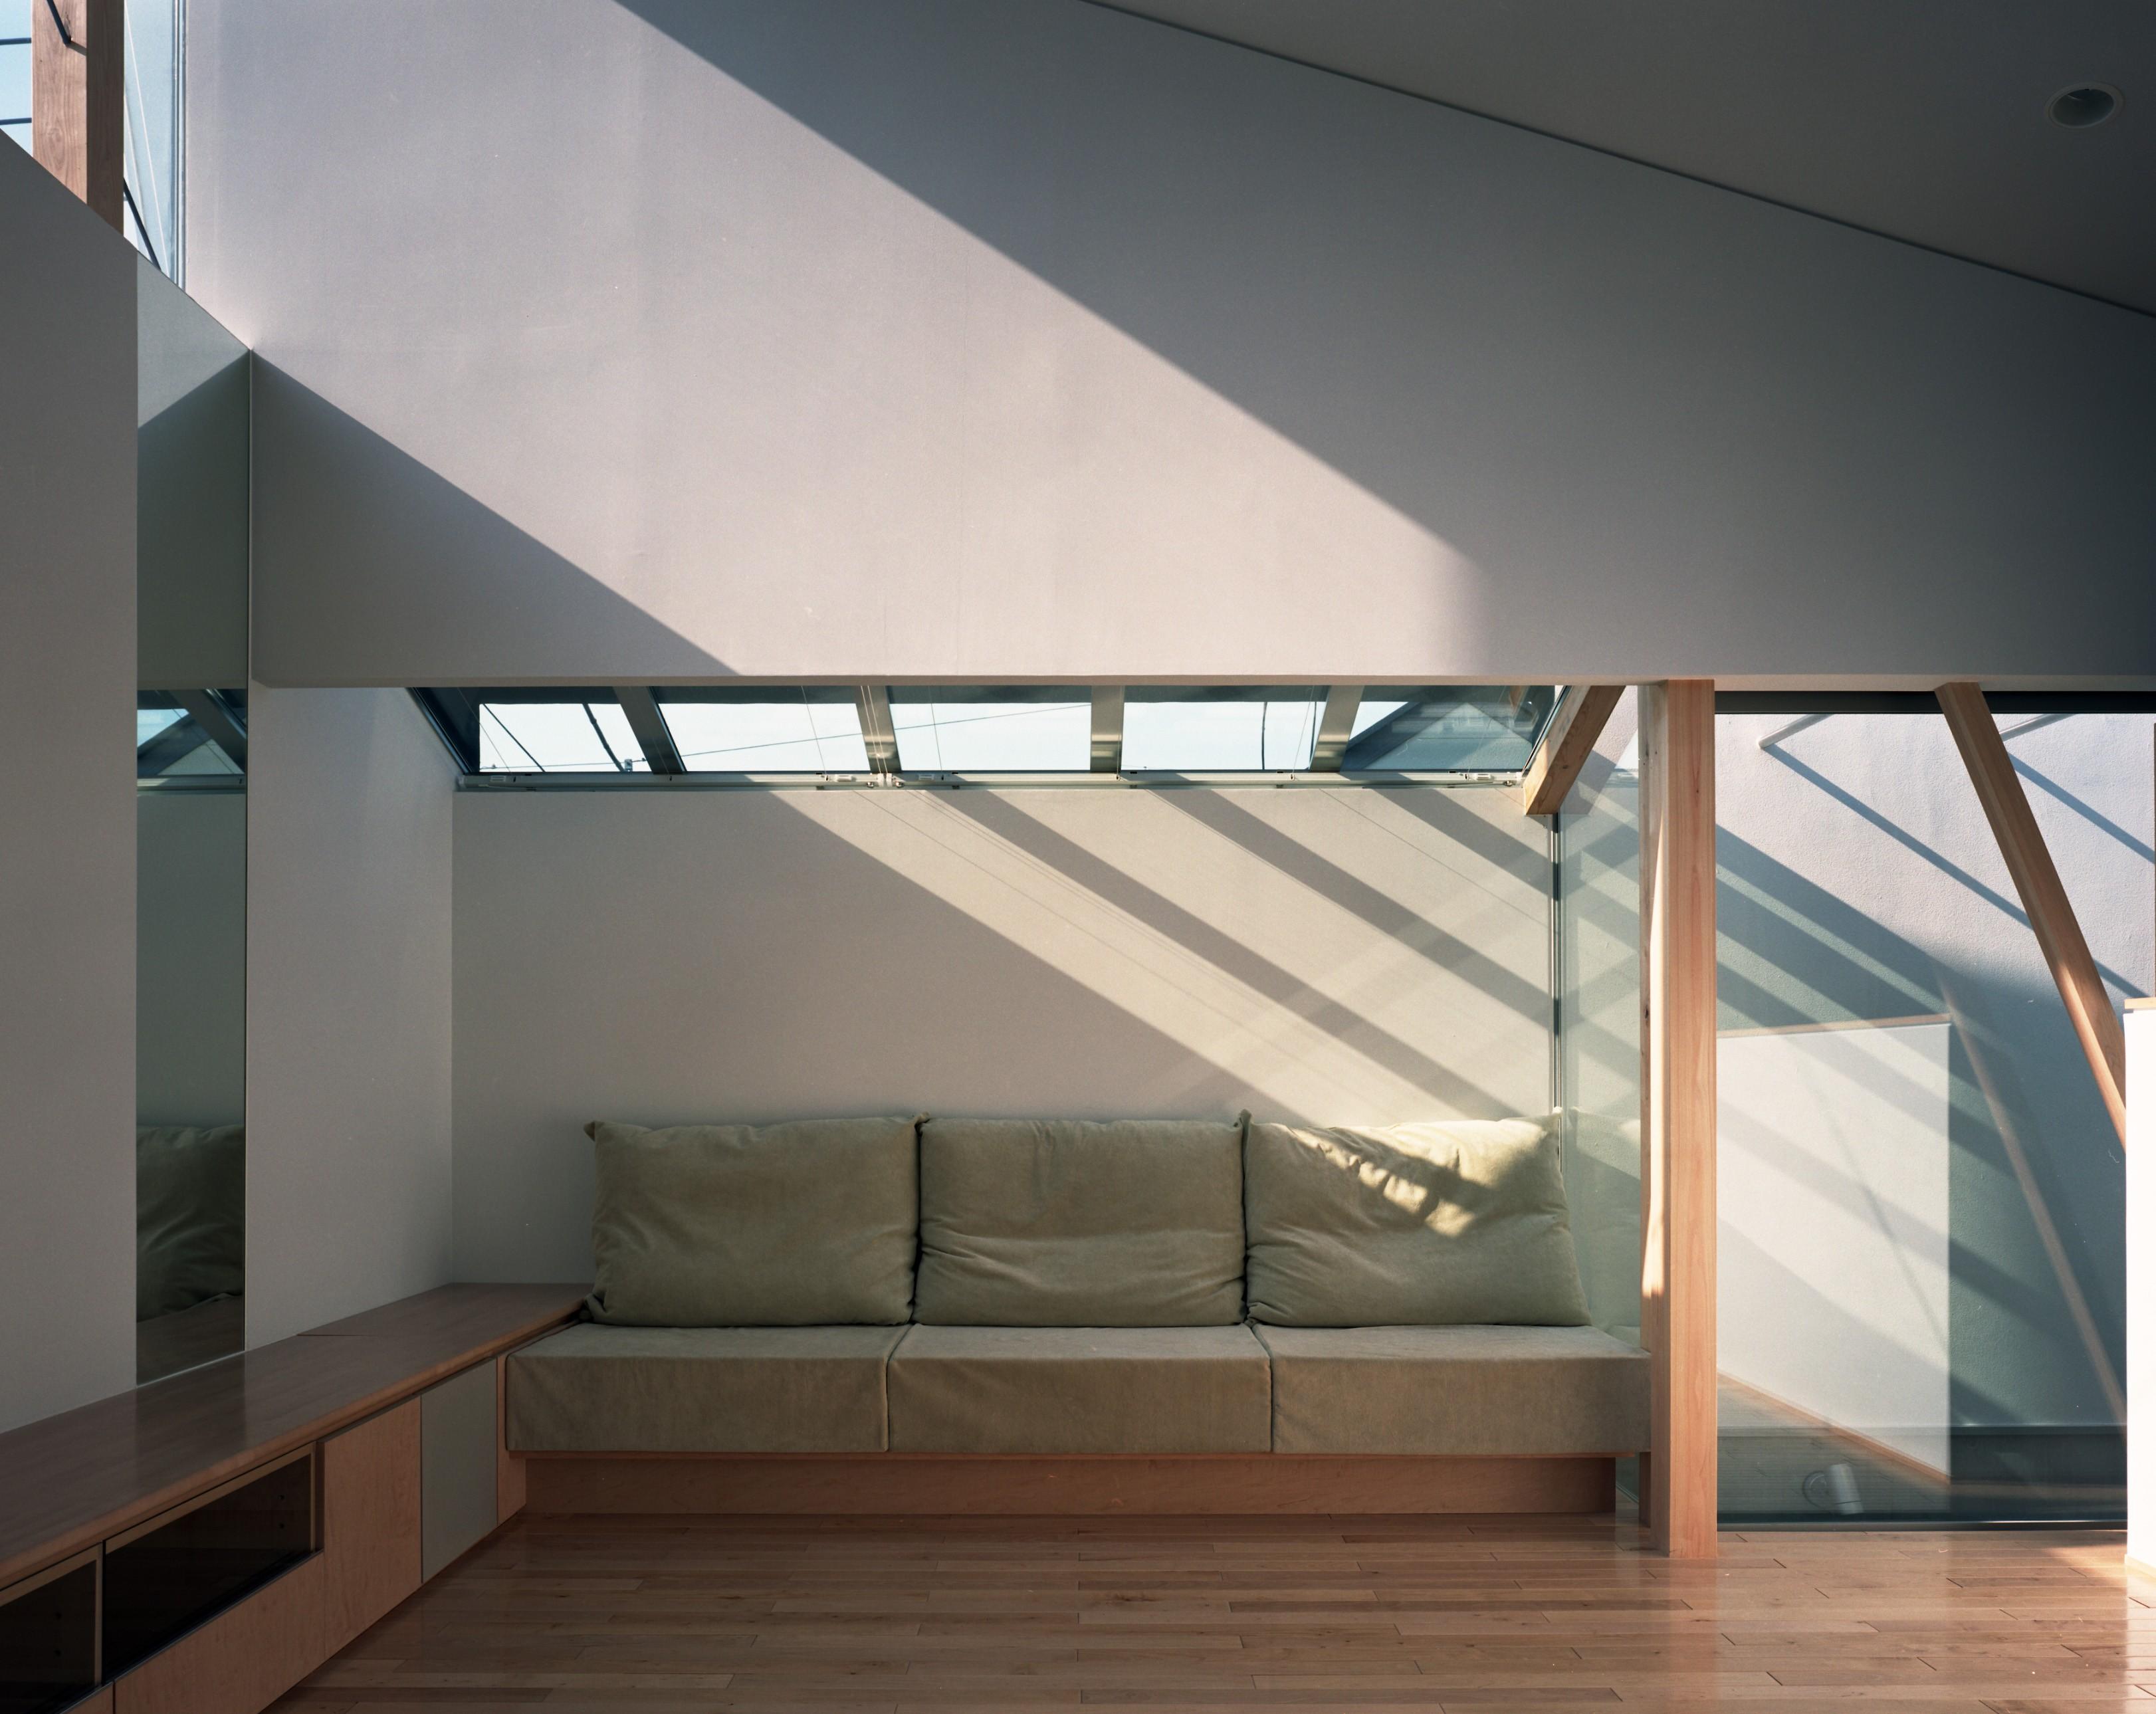 リビングダイニング事例:リビング ソファスペース(【宙空のコートハウス】 壁に囲まれたプライバシー完全な家)